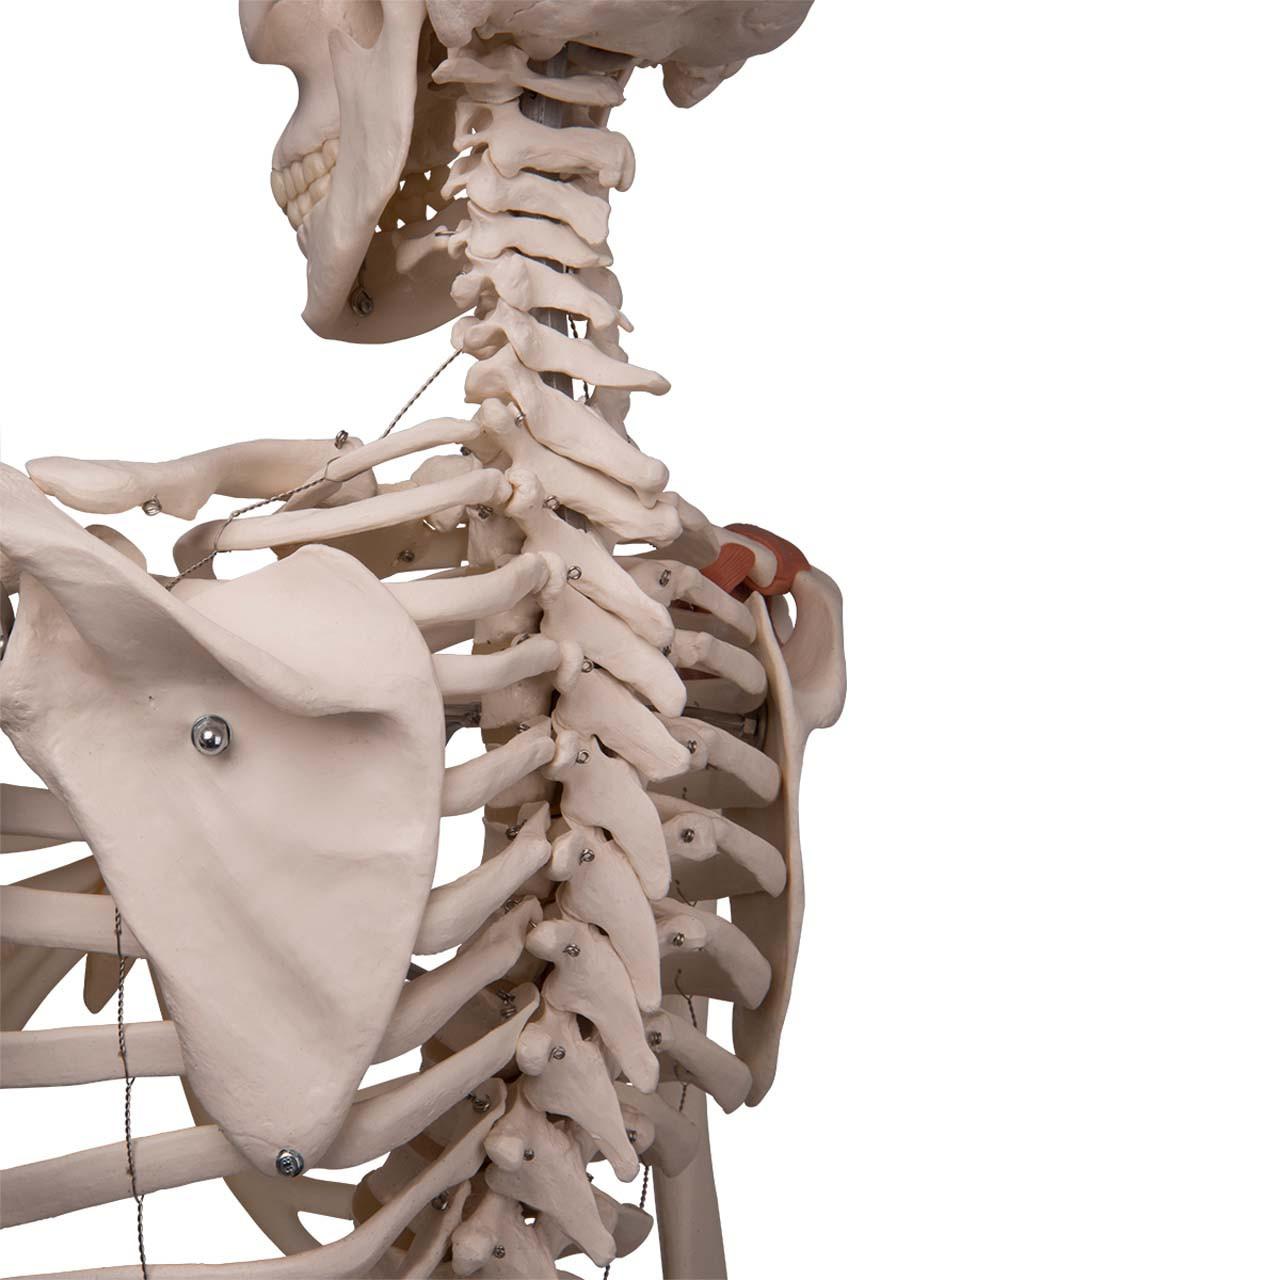 Skeleton Model with Ligaments - Leo